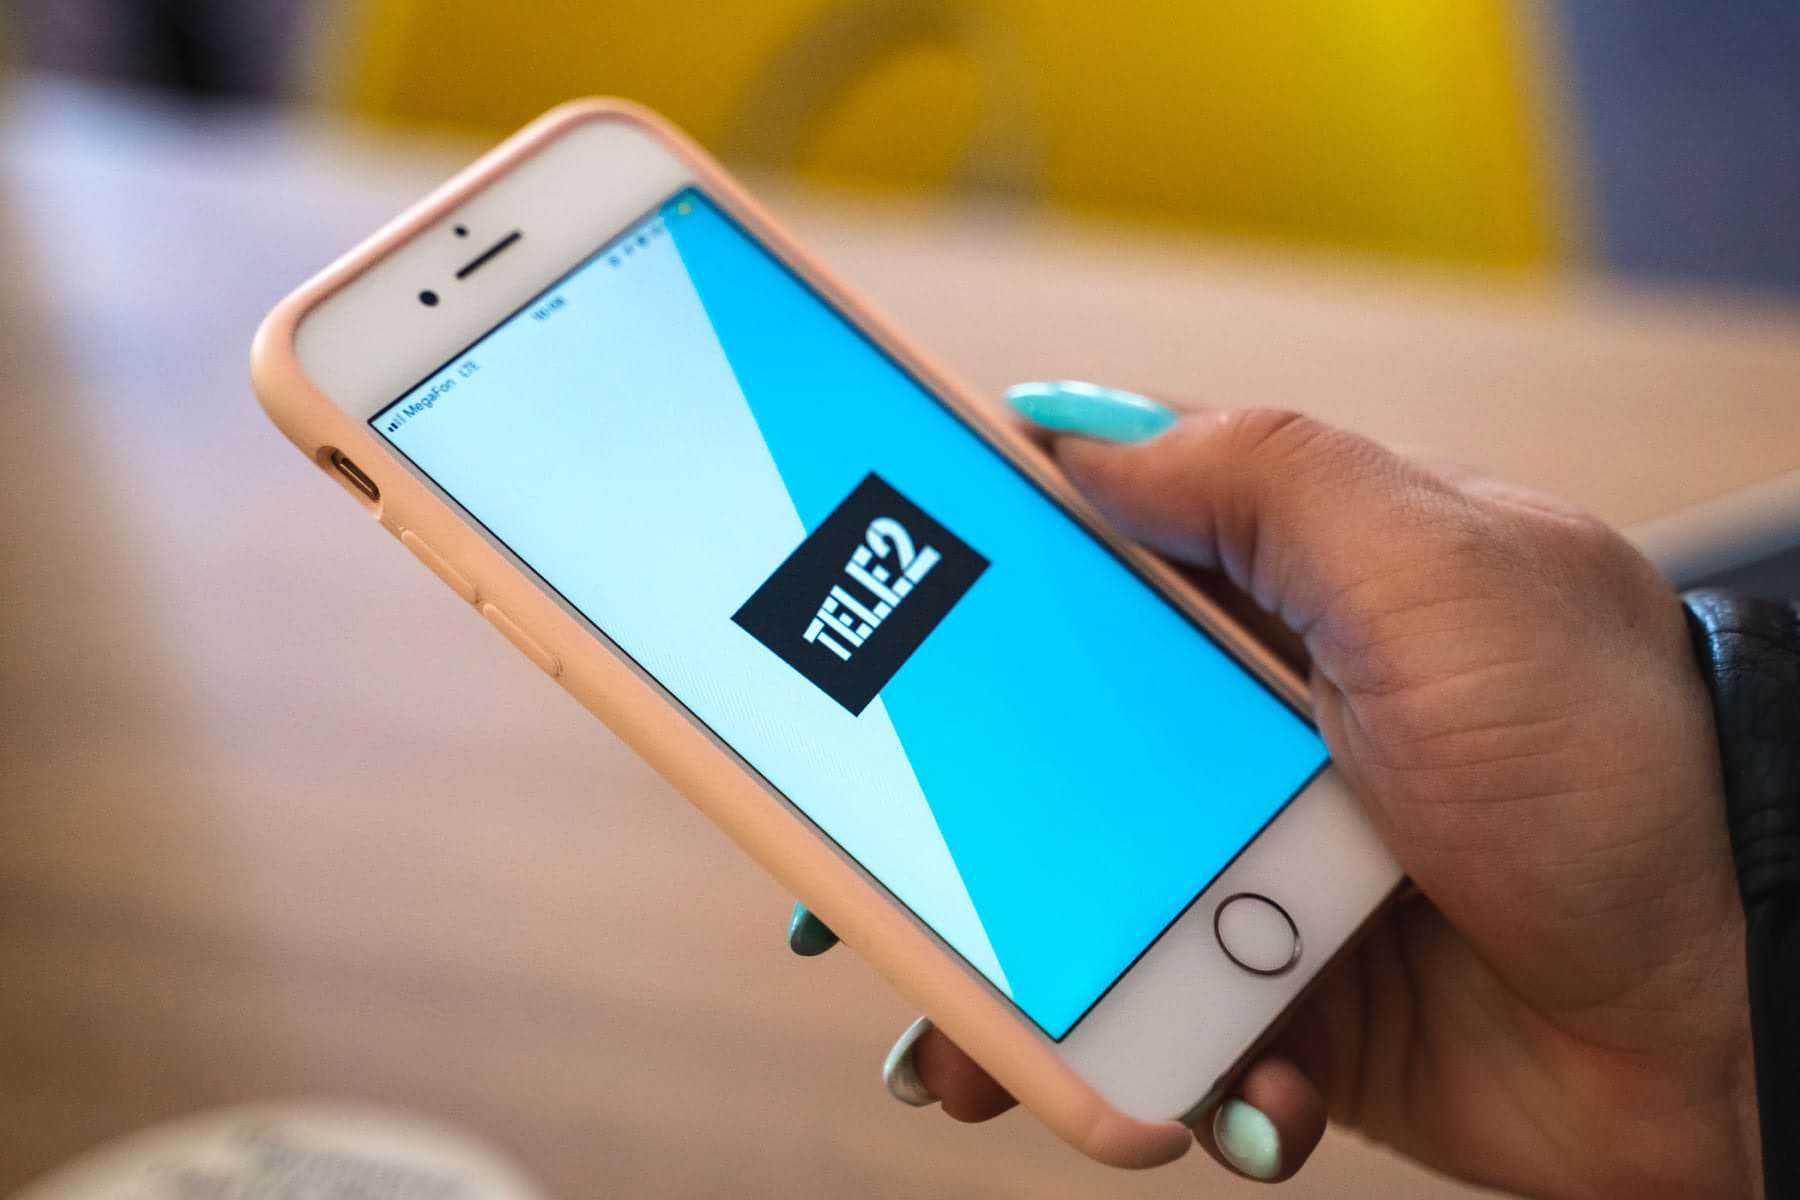 Сотовый оператор Tele2 запустил безлимитный мобильный интернет, который все просто обязаны подключить